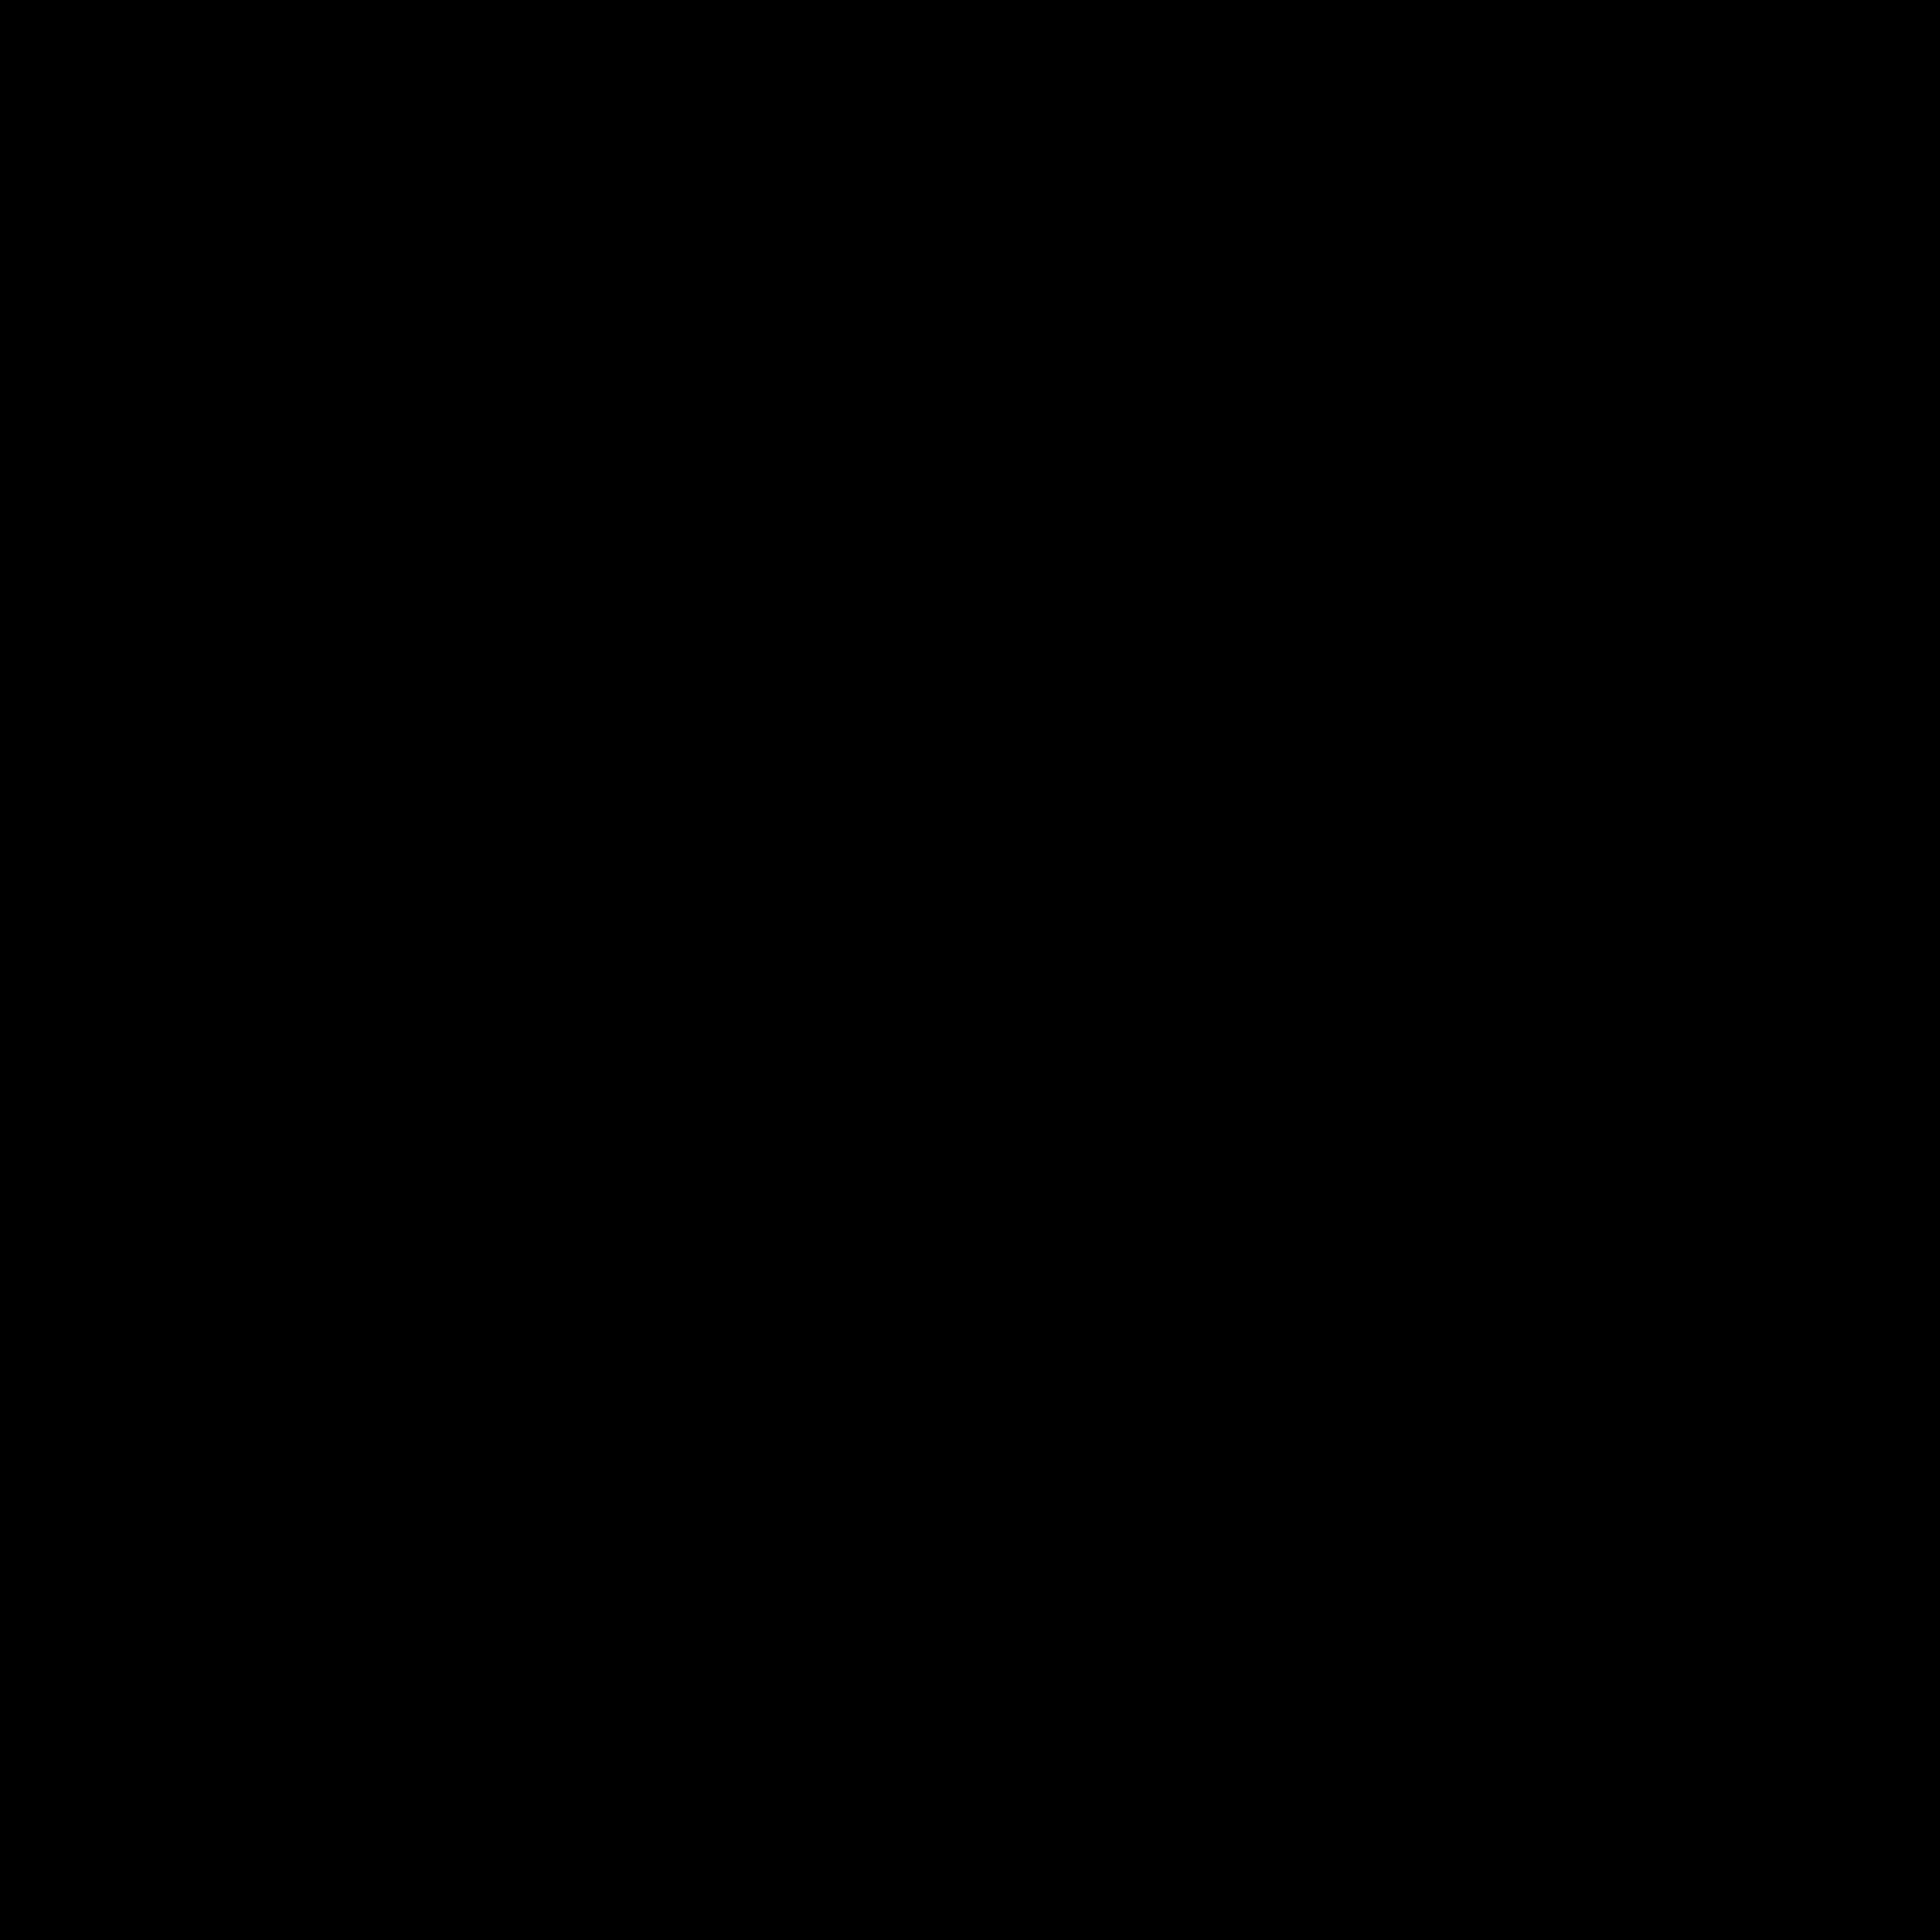 John Lewis William Morris Clipart.